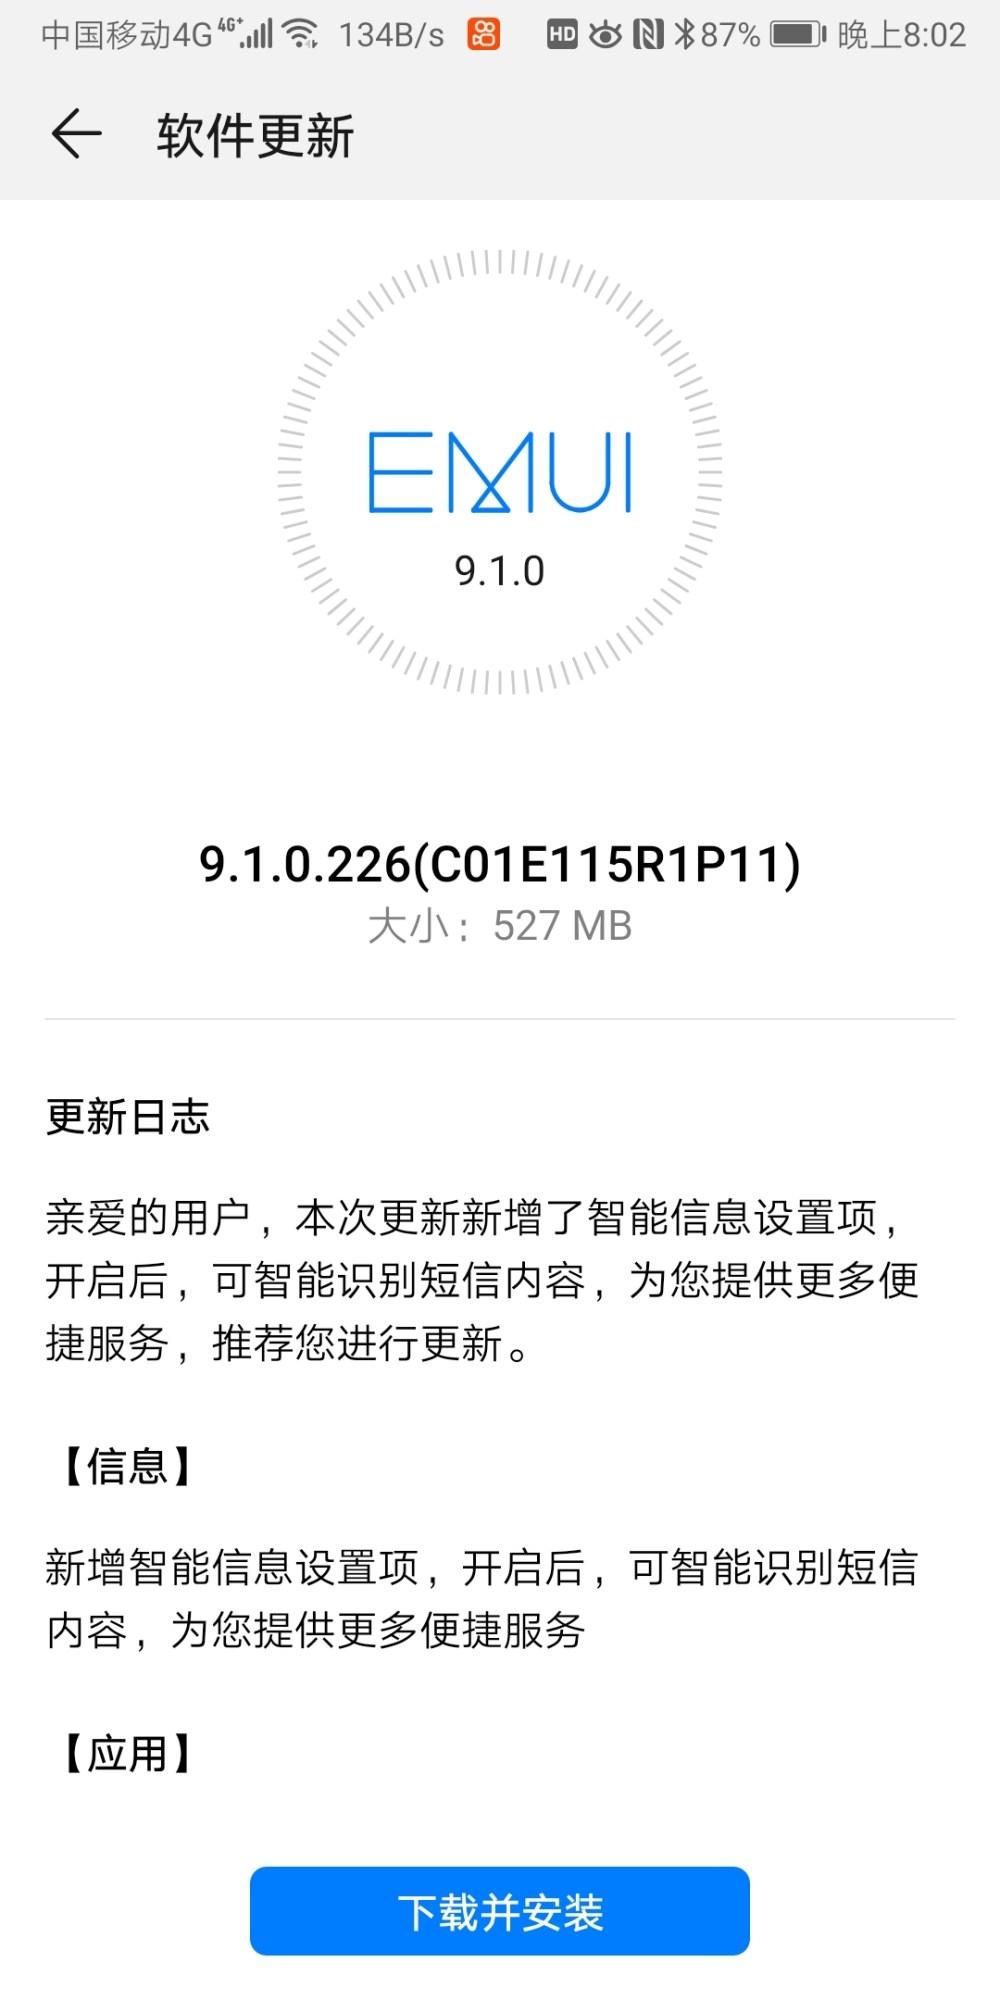 Huawei Nova 2s EMUI 9.1.0.226